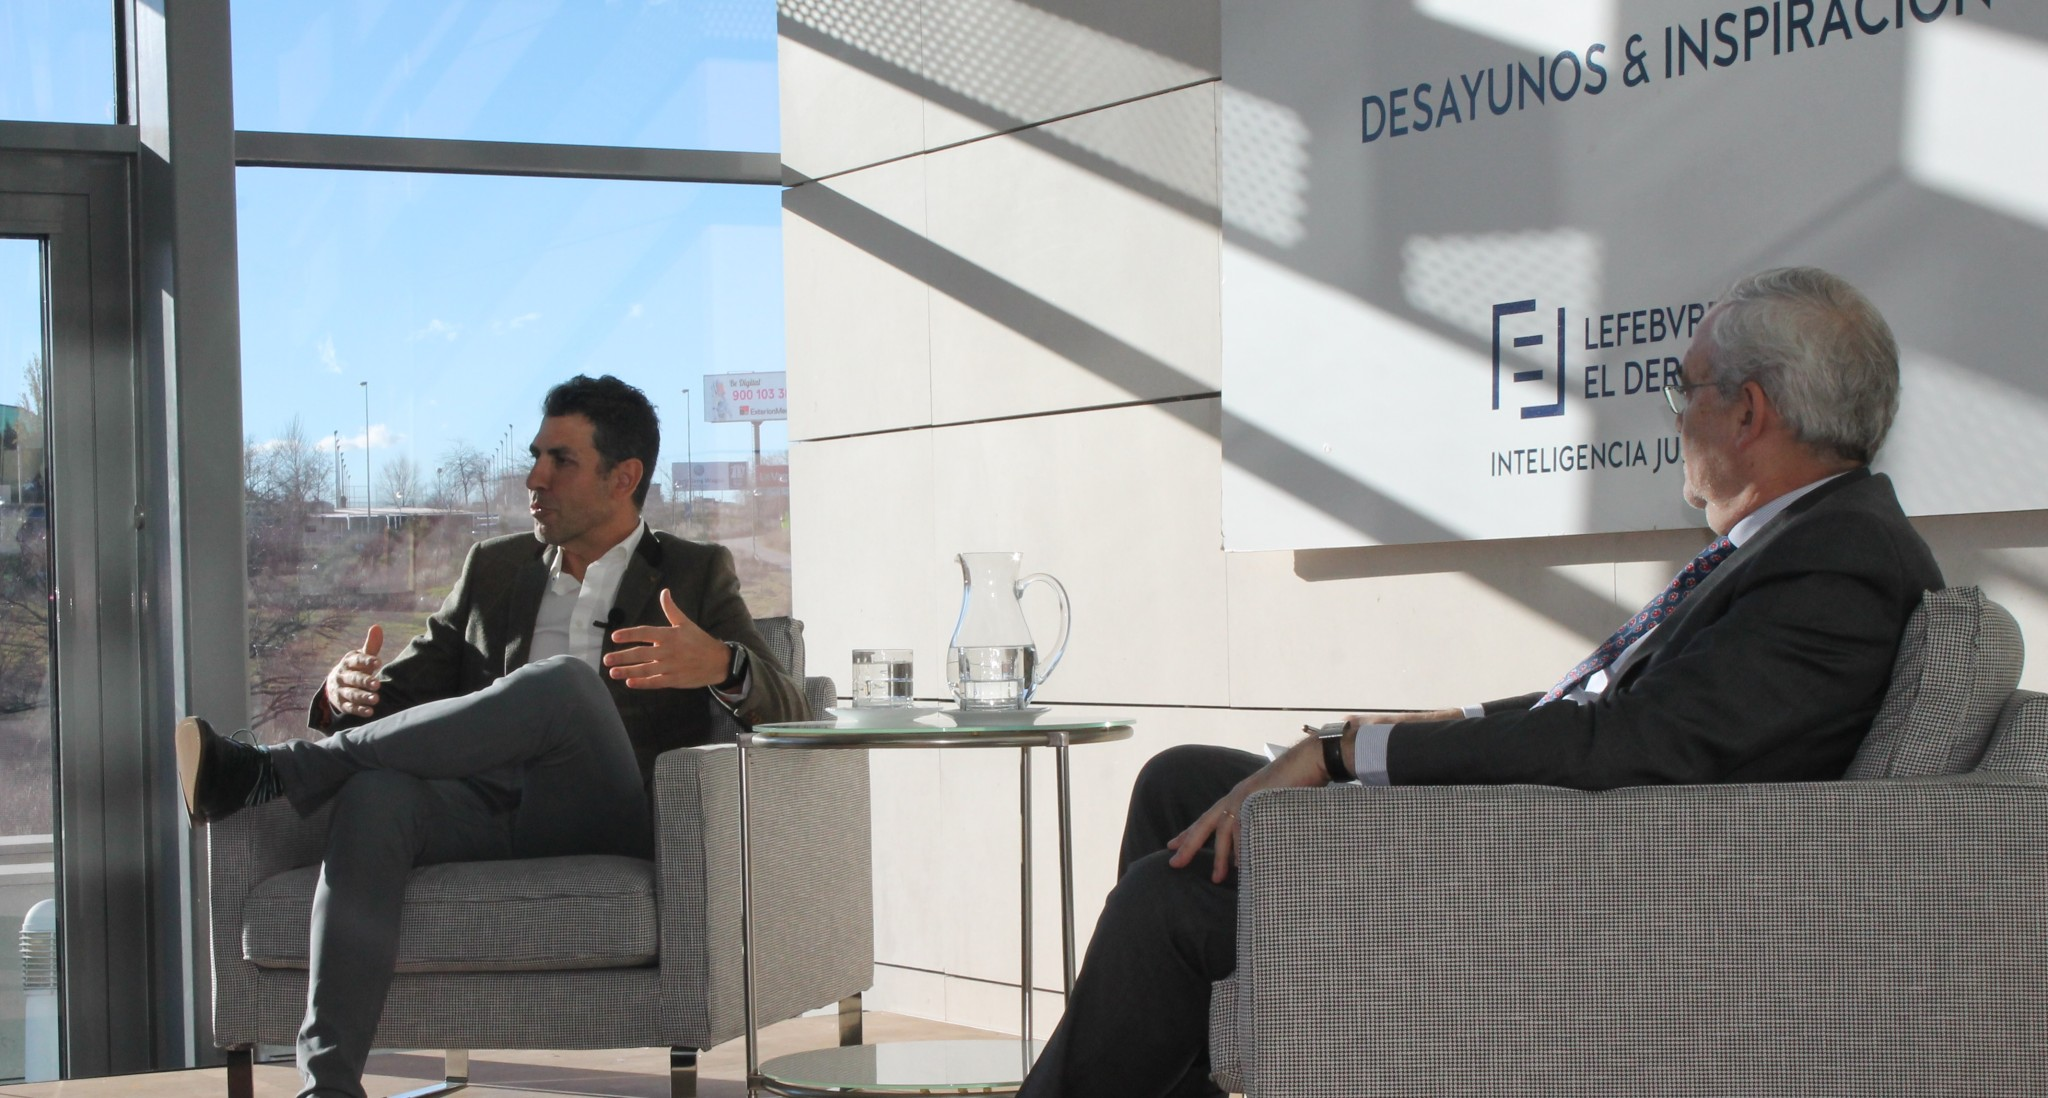 Paco Roncero, protagonista del Desayuno Inspirador Lefebvre·El Derecho